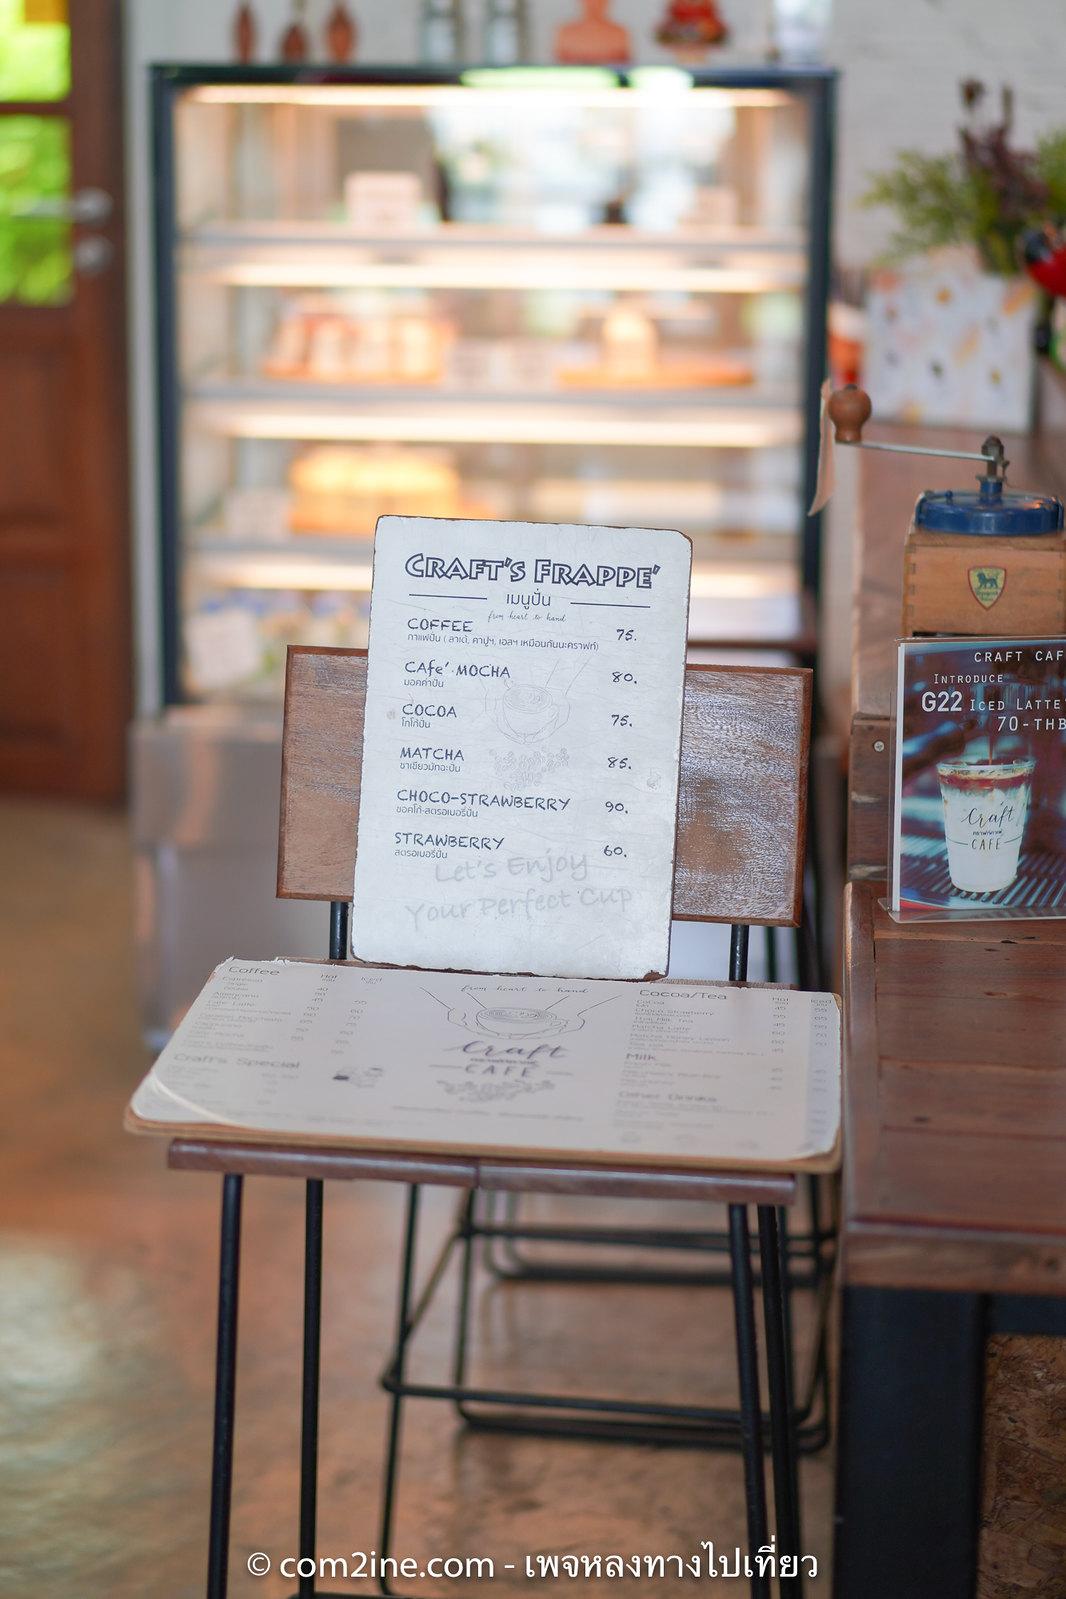 คราฟท์คาเฟ่ ราคาเครื่องดื่มที่มีบริการในร้าน